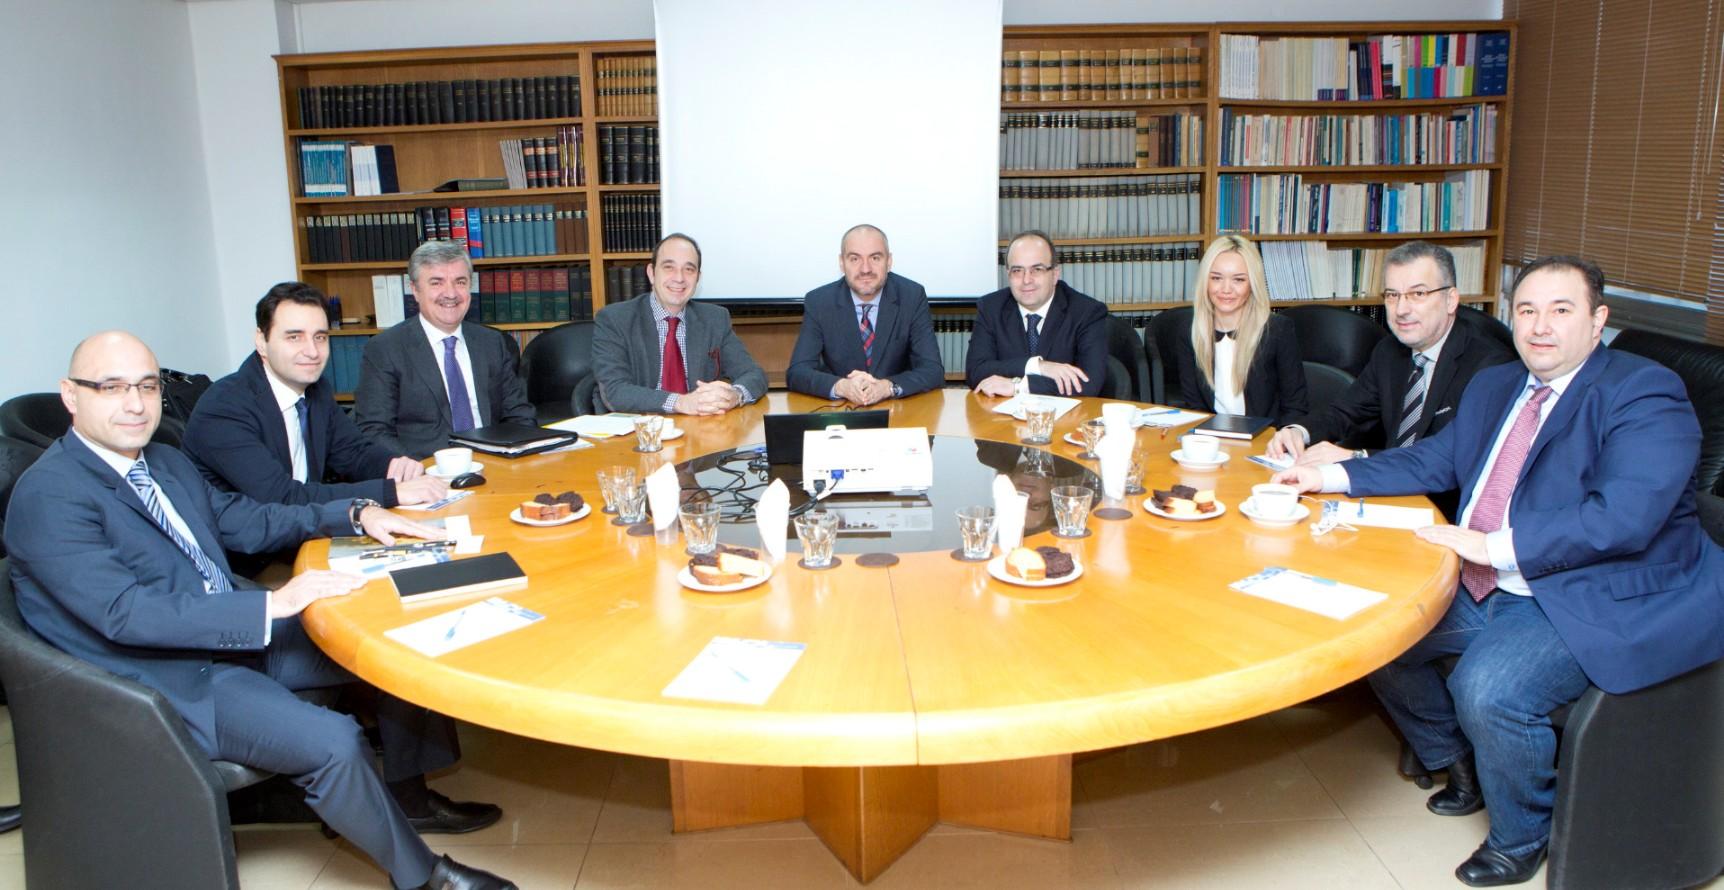 Δημιουργία «Δικτύου Επιχειρηματικών Φορέων Ελληνικών Επιχειρήσεων χωρών της Νοτιοανατολικής Ευρώπης», με πρωτοβουλία του ΣΒΒΕ-Η παραγωγή διεθνώς εμπορεύσιμων προϊόντων αποτελεί τη σημαντικότερη διέξοδο για την ανάπτυξη της οικονομίας